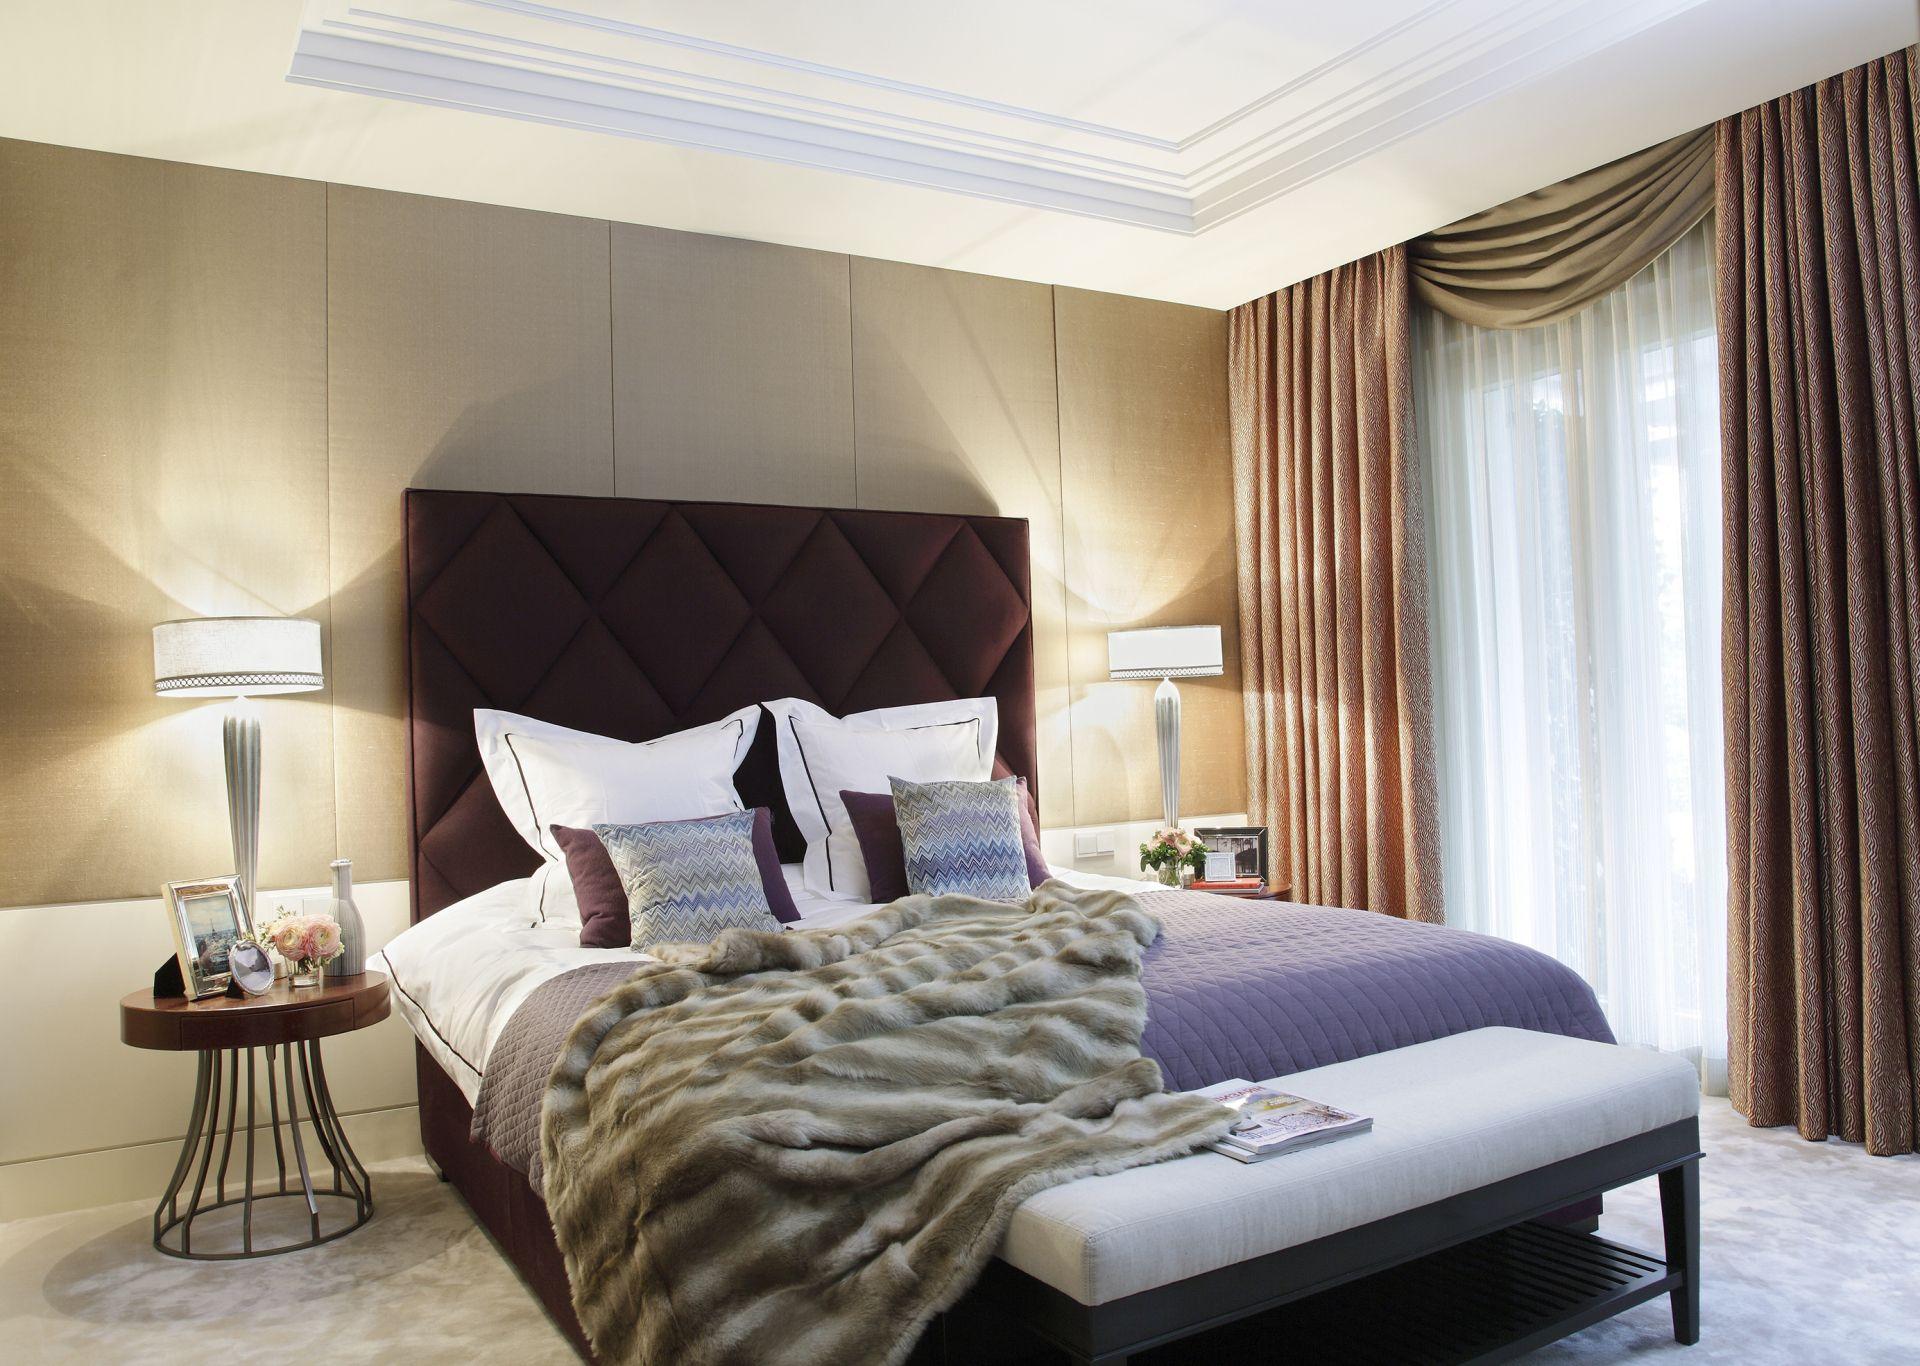 Klassisch modernes schlafzimmer for Schlafzimmer klassisch